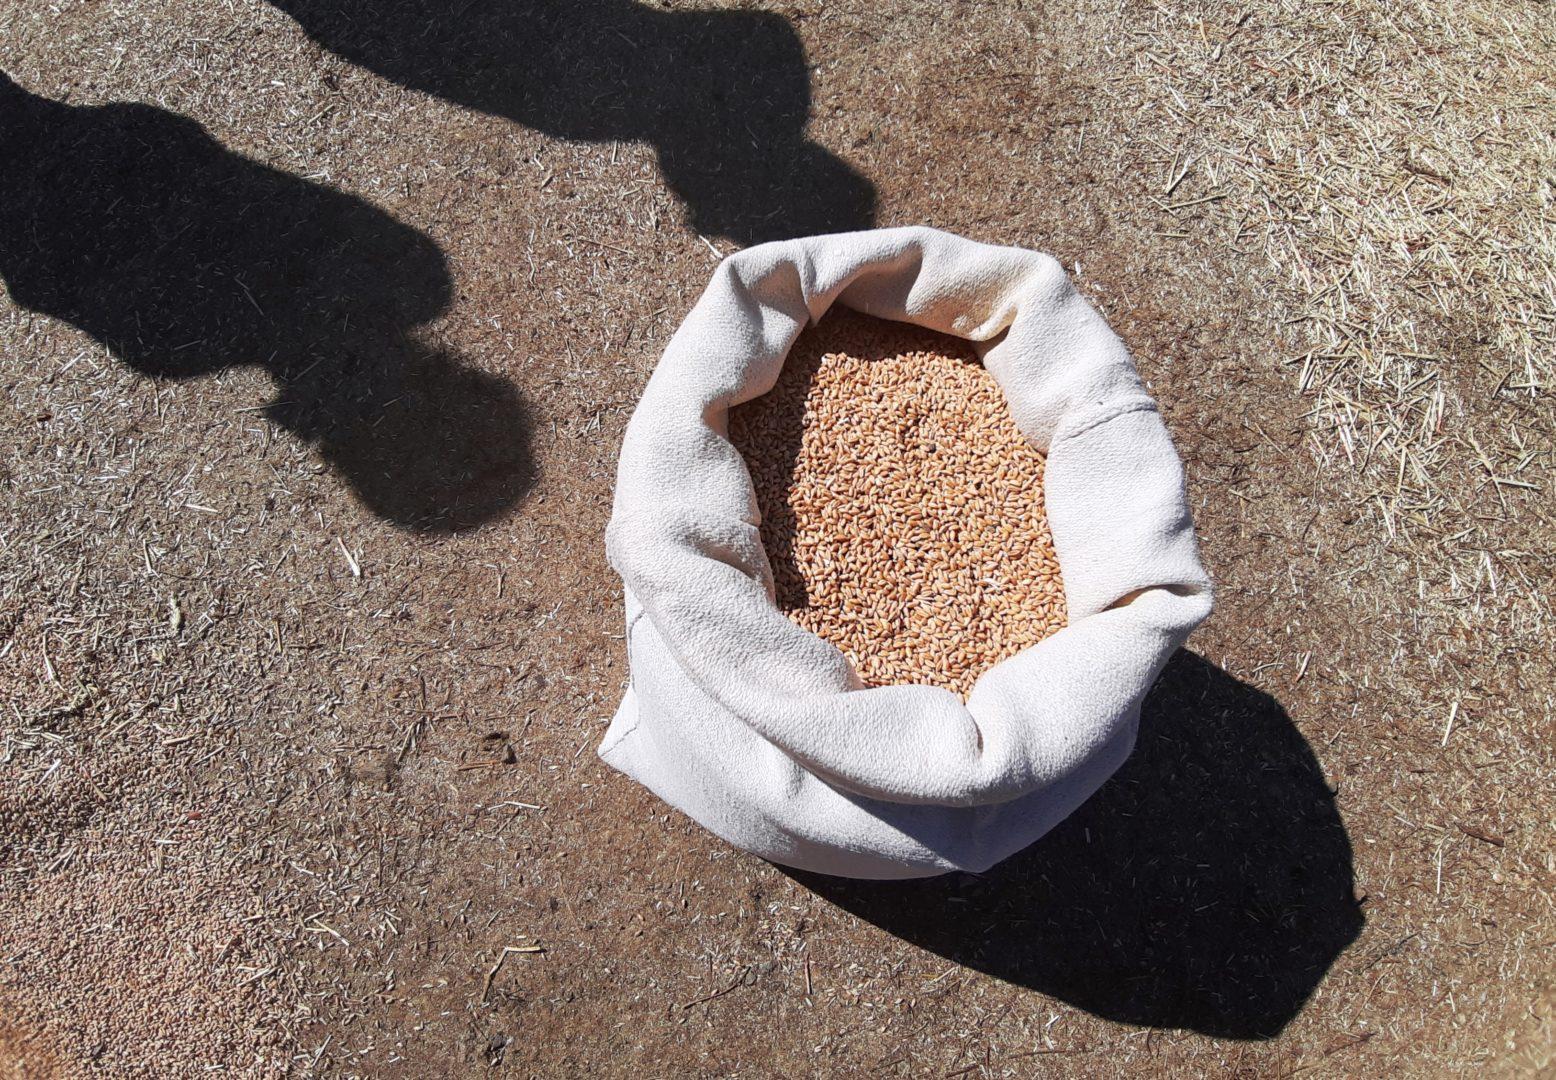 sacco di grano nell'aia